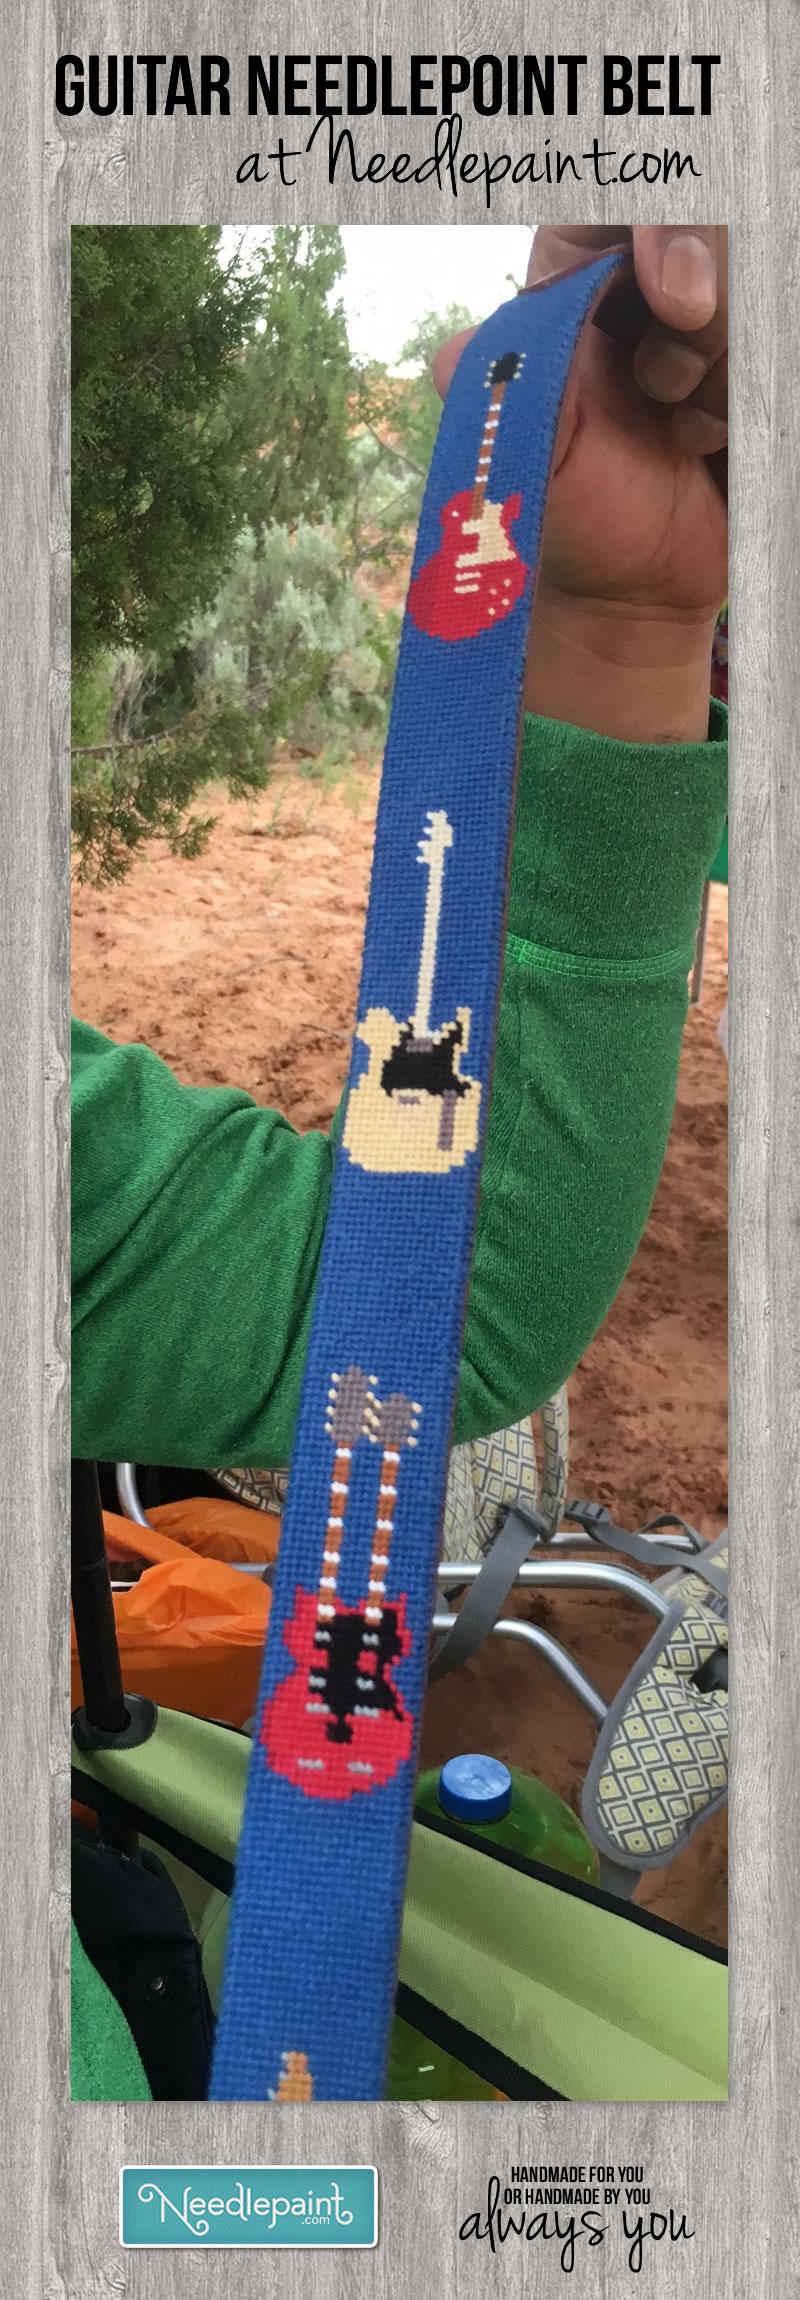 Guitar Needlepoint Belt